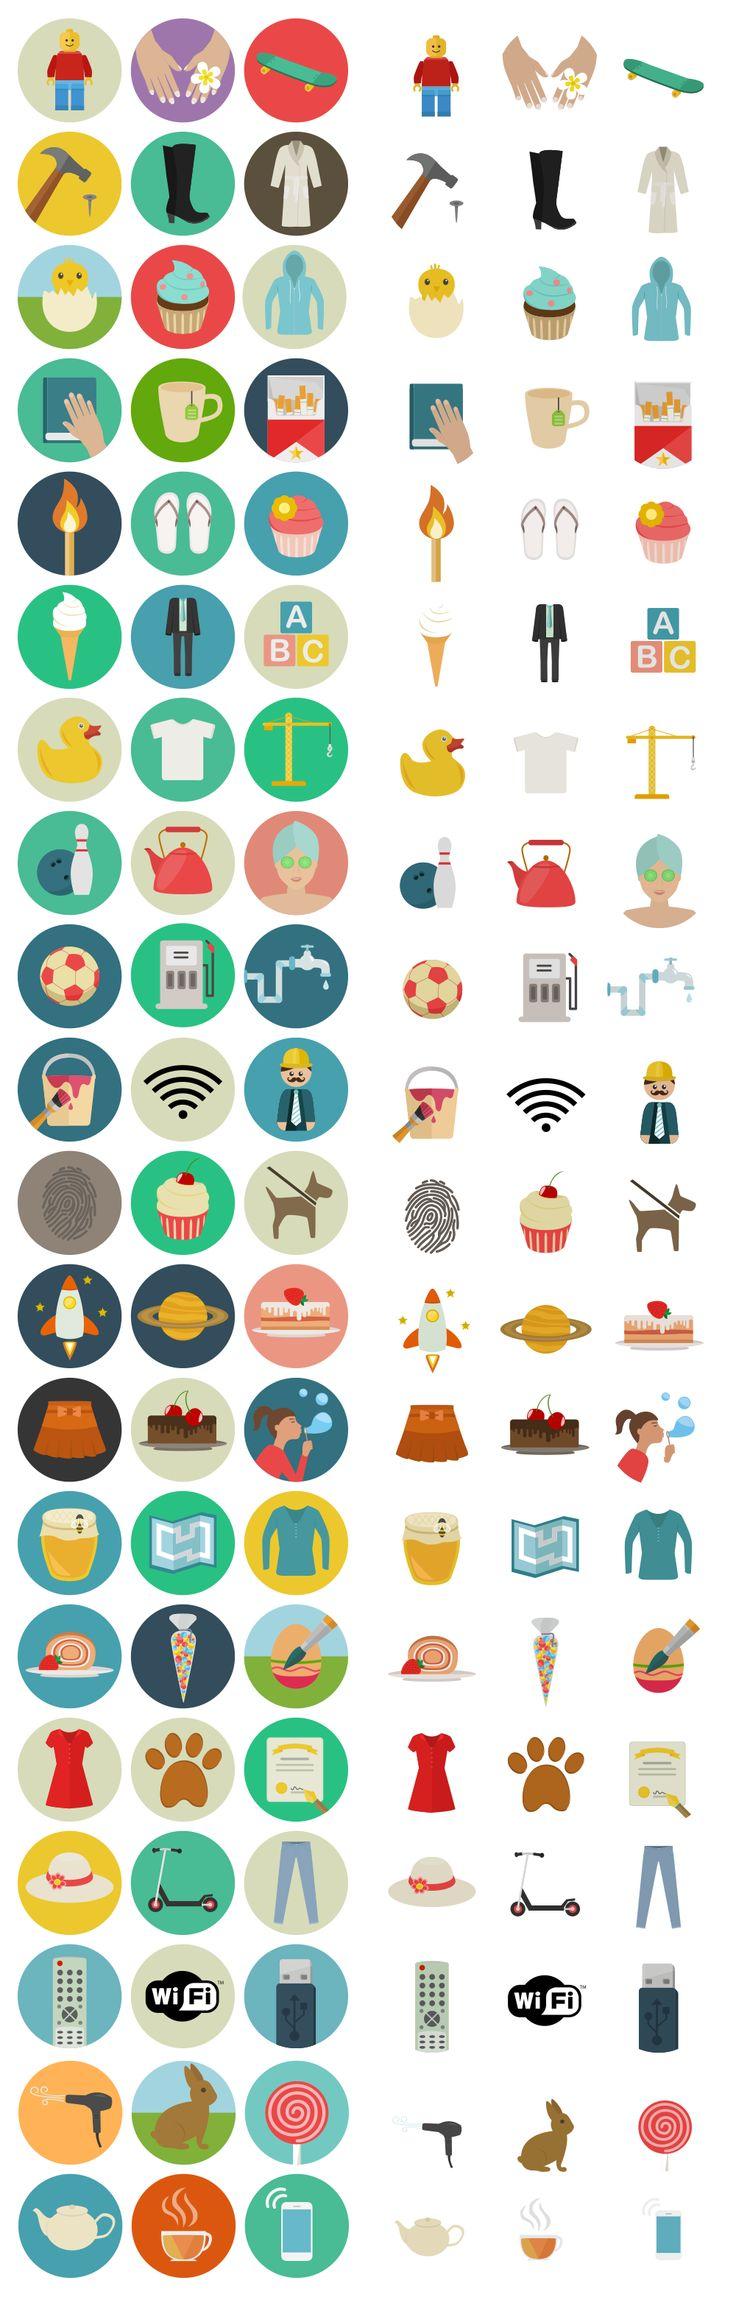 Freebie: Flat Icon Set (60 Icons, PNG, SVG, EPS, PSD, AI) - Smashing Magazine